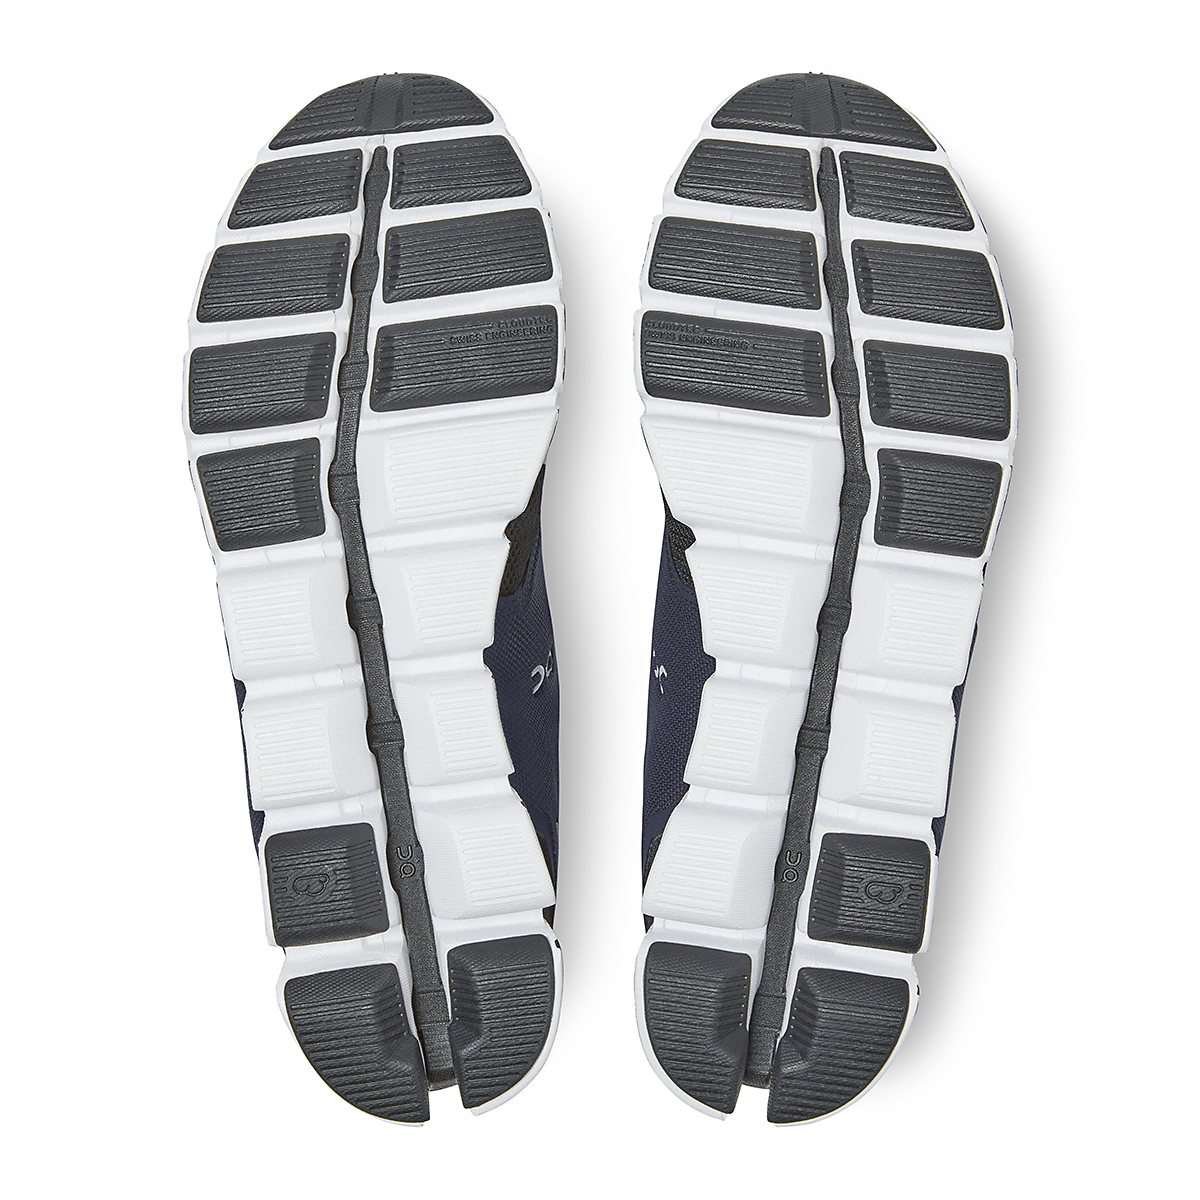 Men's On Cloud 70/30 Lifestyle Shoe - Color: Ink/Black - Size: 7 - Width: Regular, Ink/Black, large, image 4